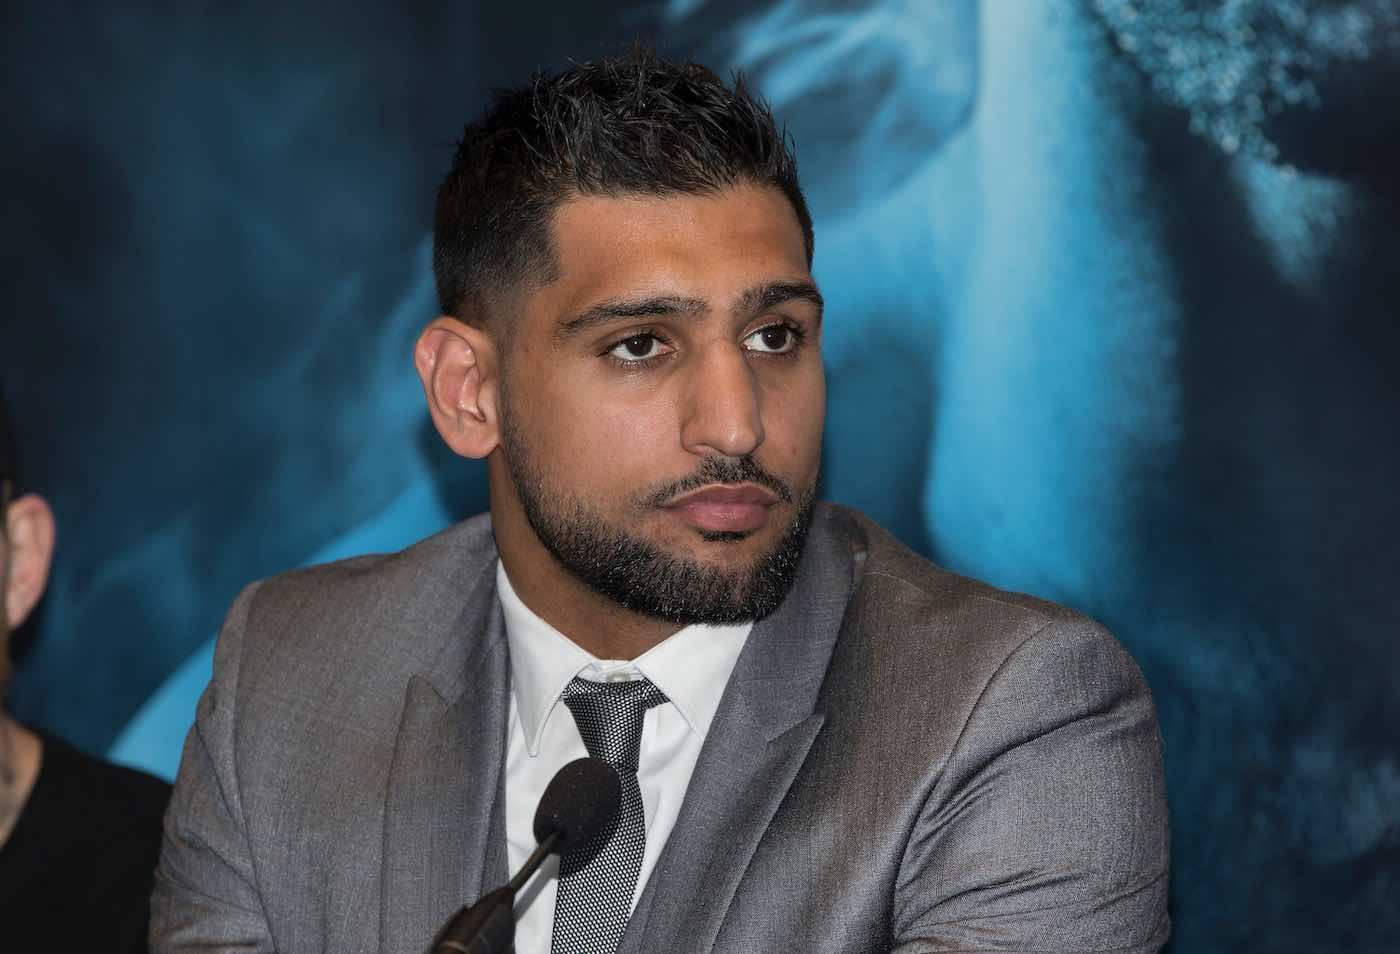 El boxeador Amir Khan regala a su hijo de 1 año un Rolex Daytona de 40.000 dólares